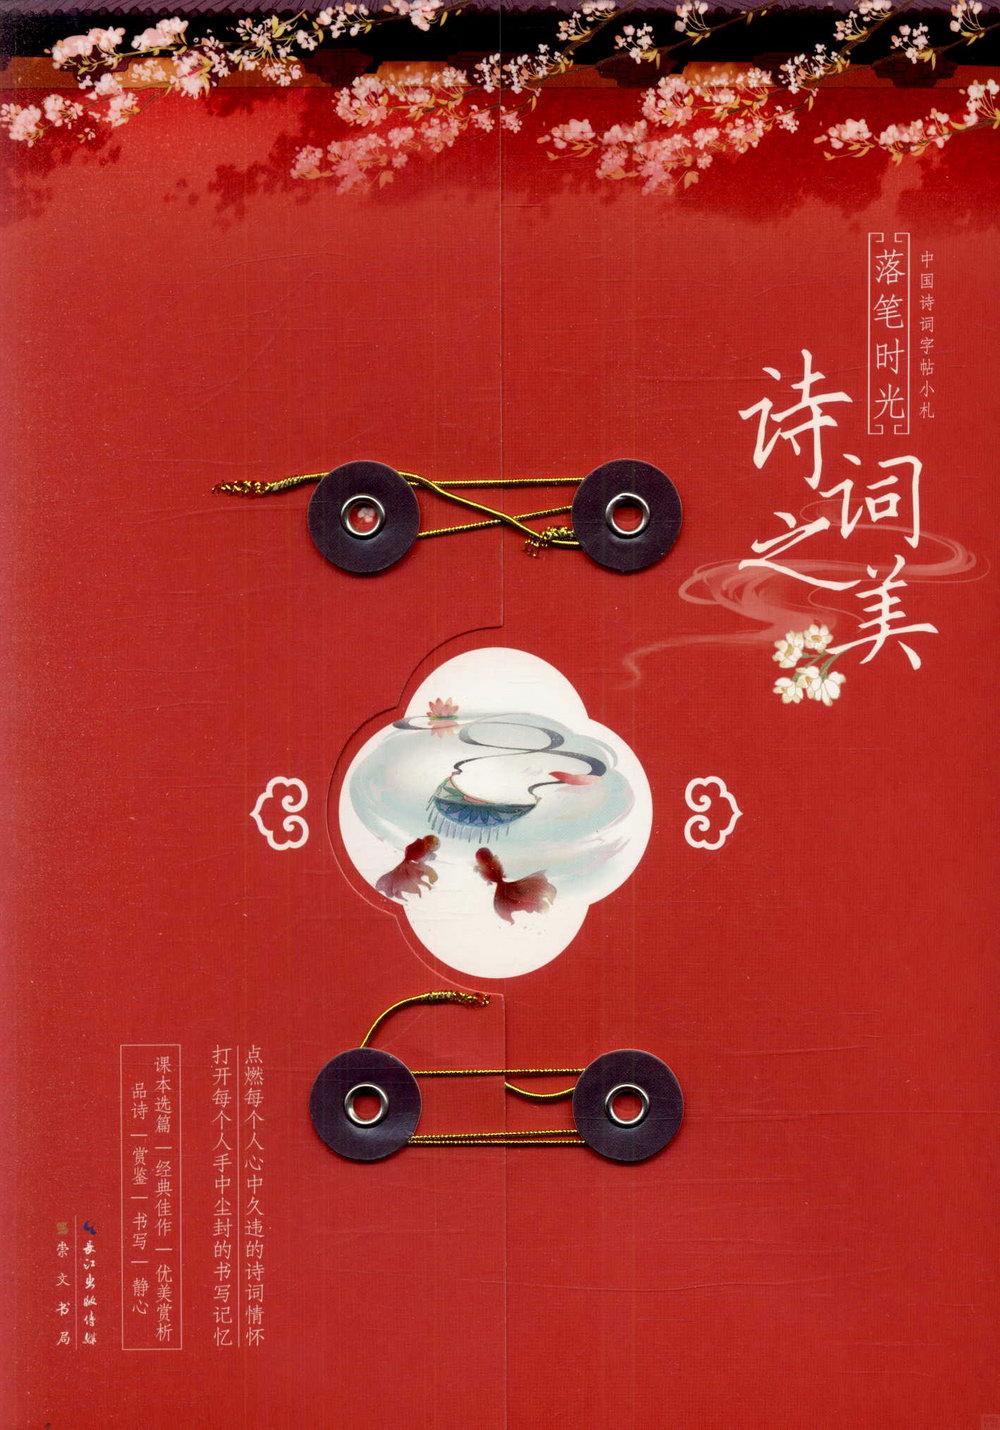 中國詩詞字帖小札:落筆時光.詩詞之美